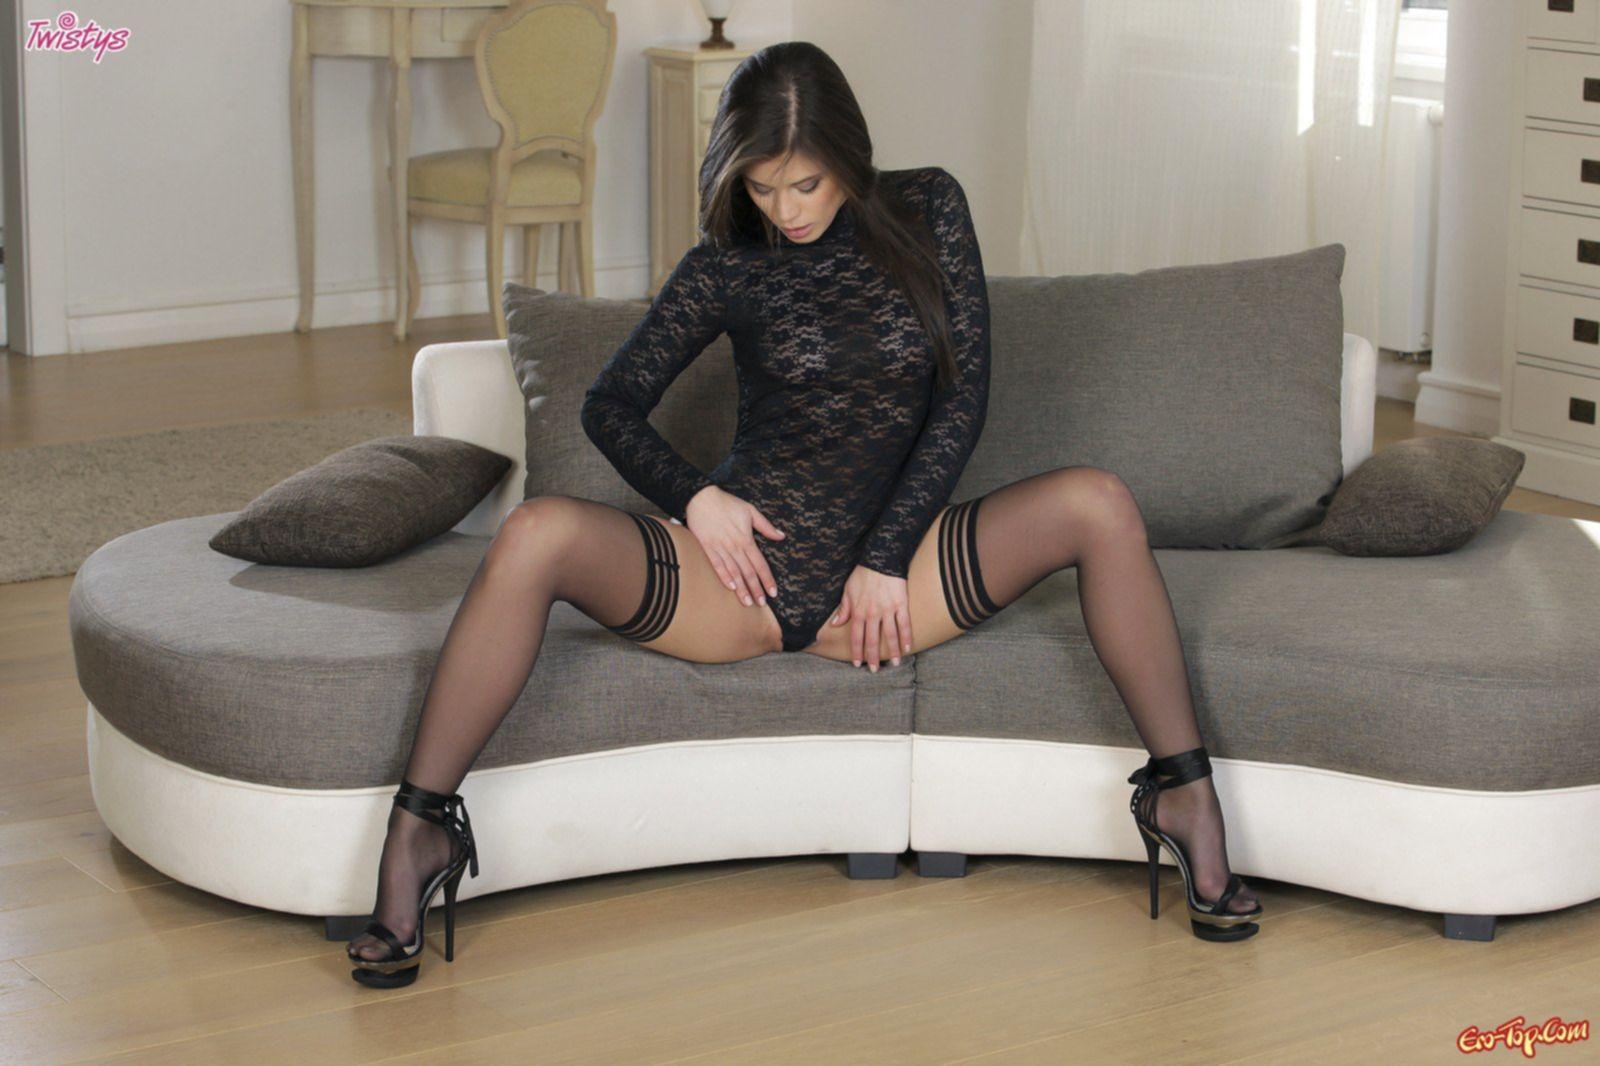 Сексуальная голая девушка в чёрных чулках - фото эротика.